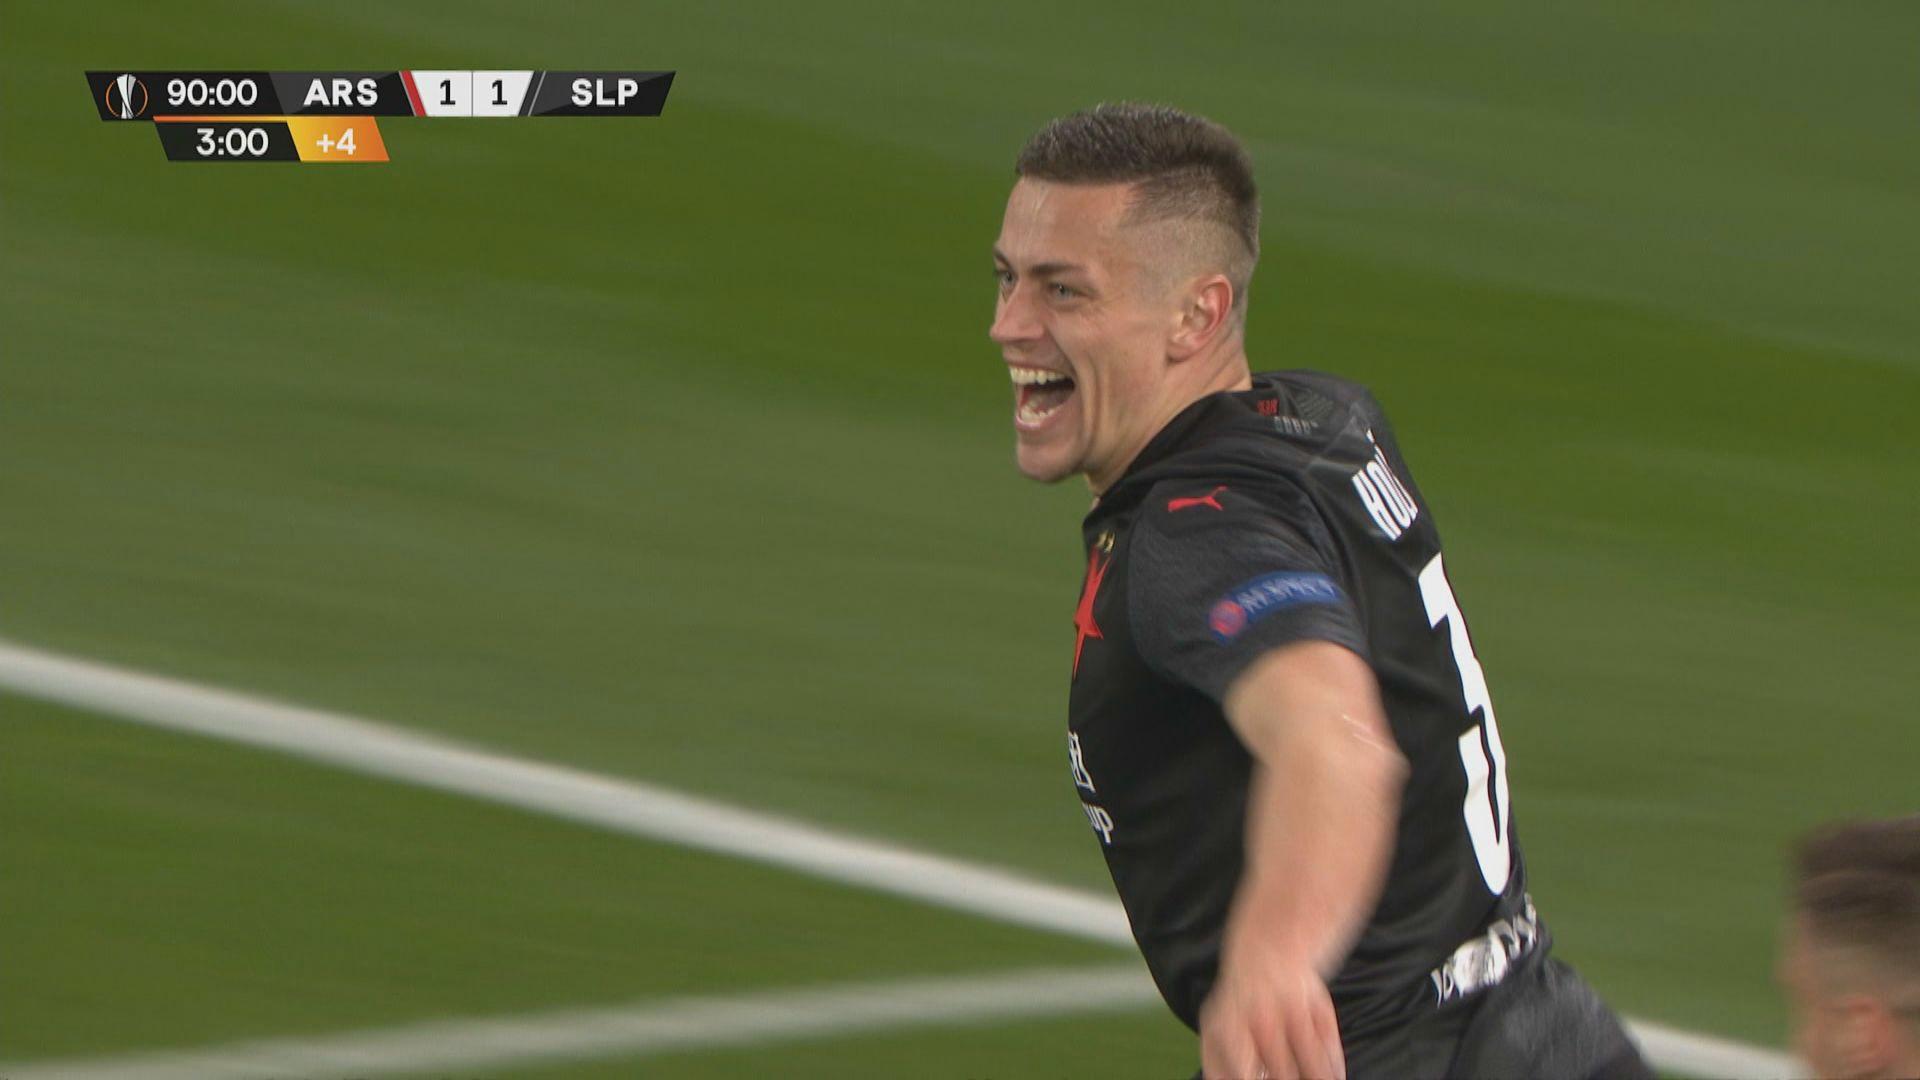 歐霸盃八強 阿仙奴1:1布拉格斯拉維亞